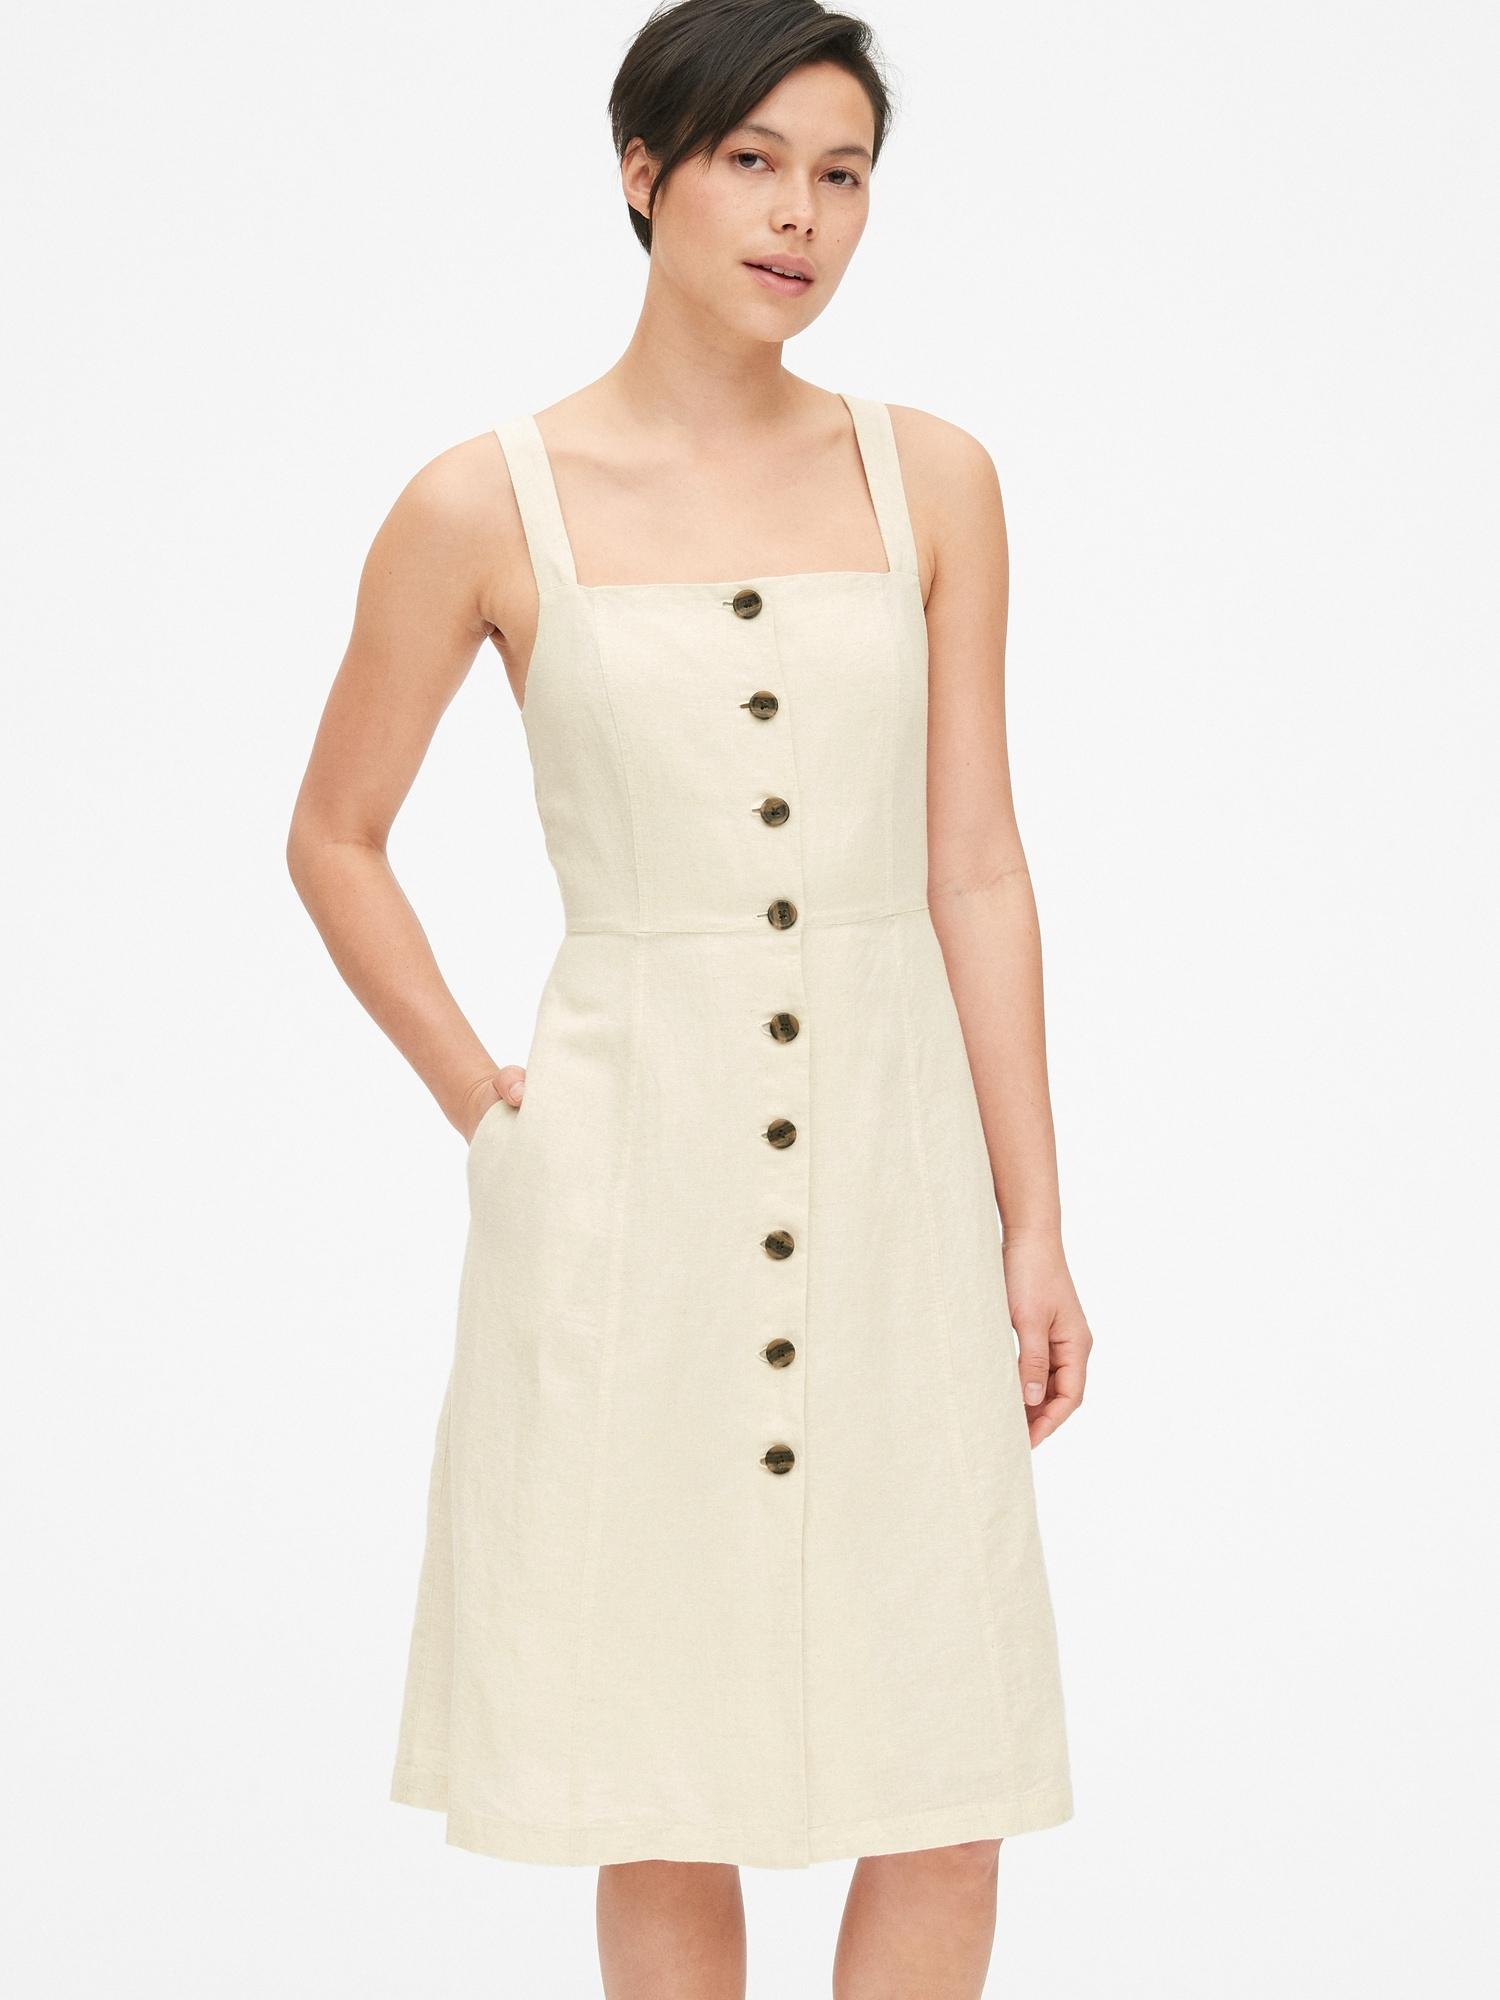 a376a7db4b0 Apron Dress